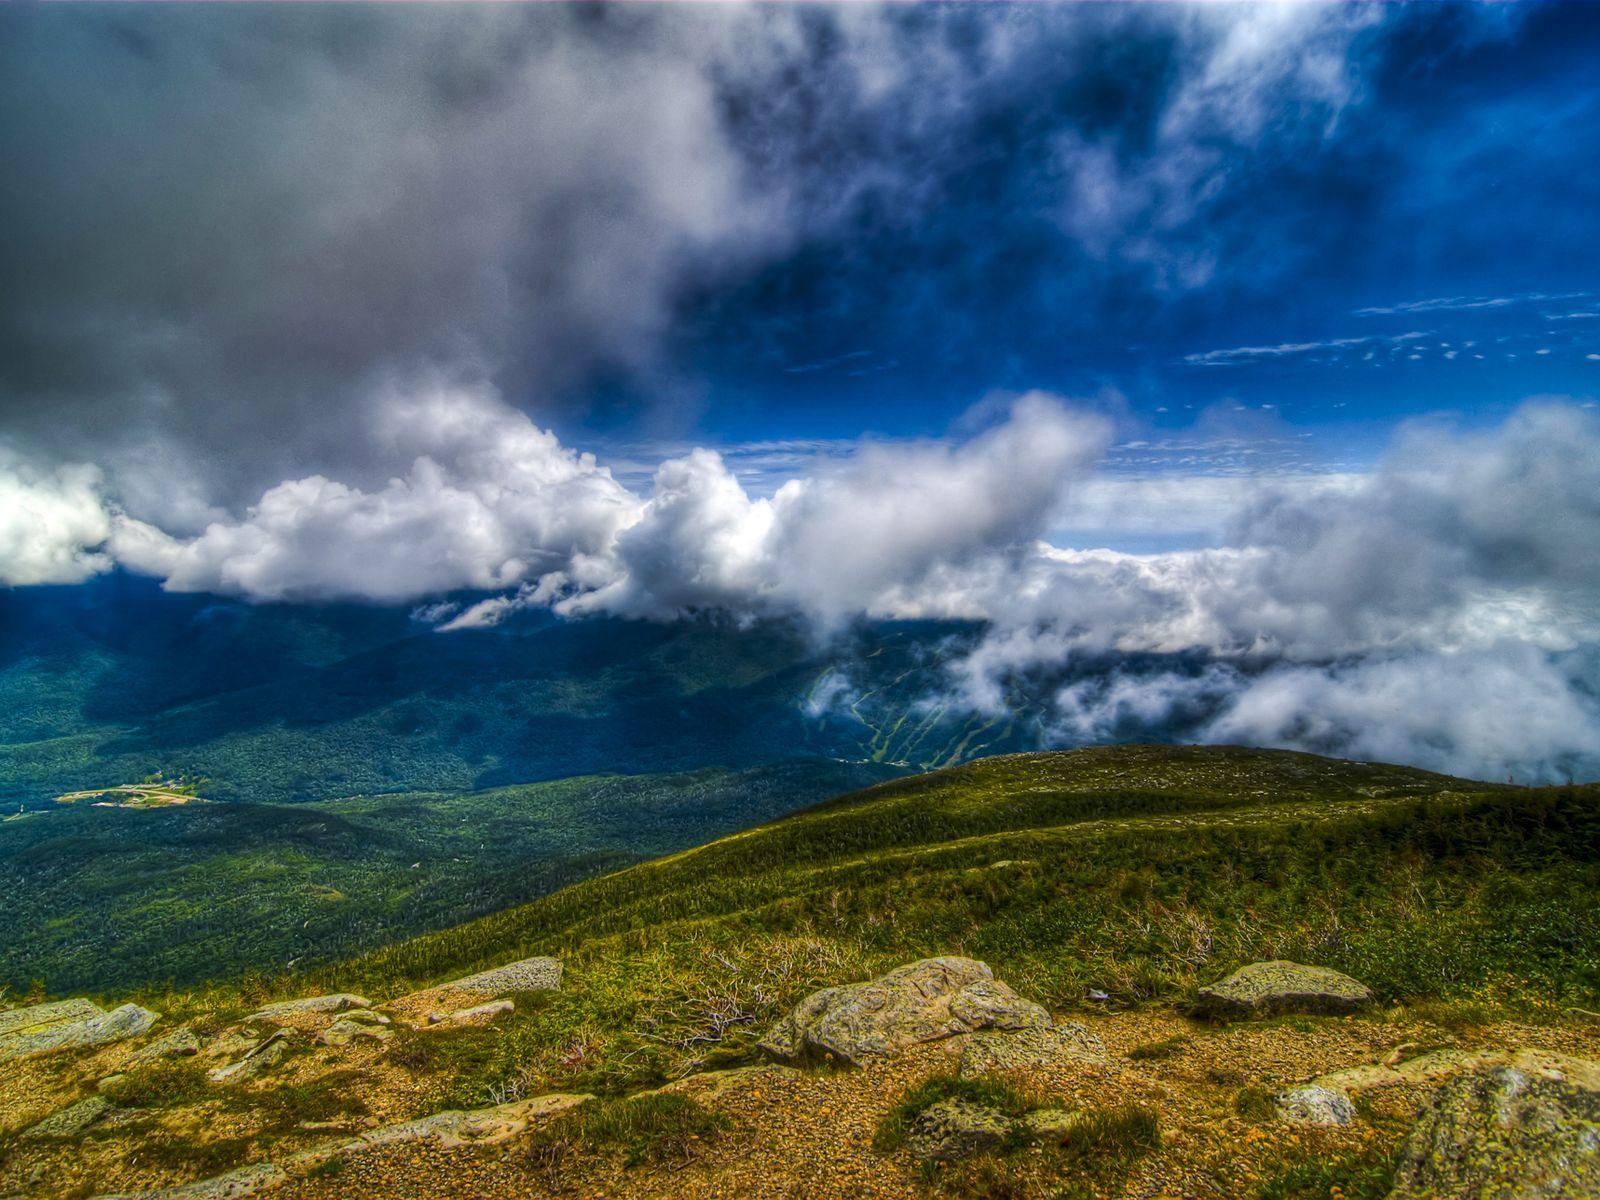 Fond d cran hd paysage montagne paysages nature for Paysage gratuit